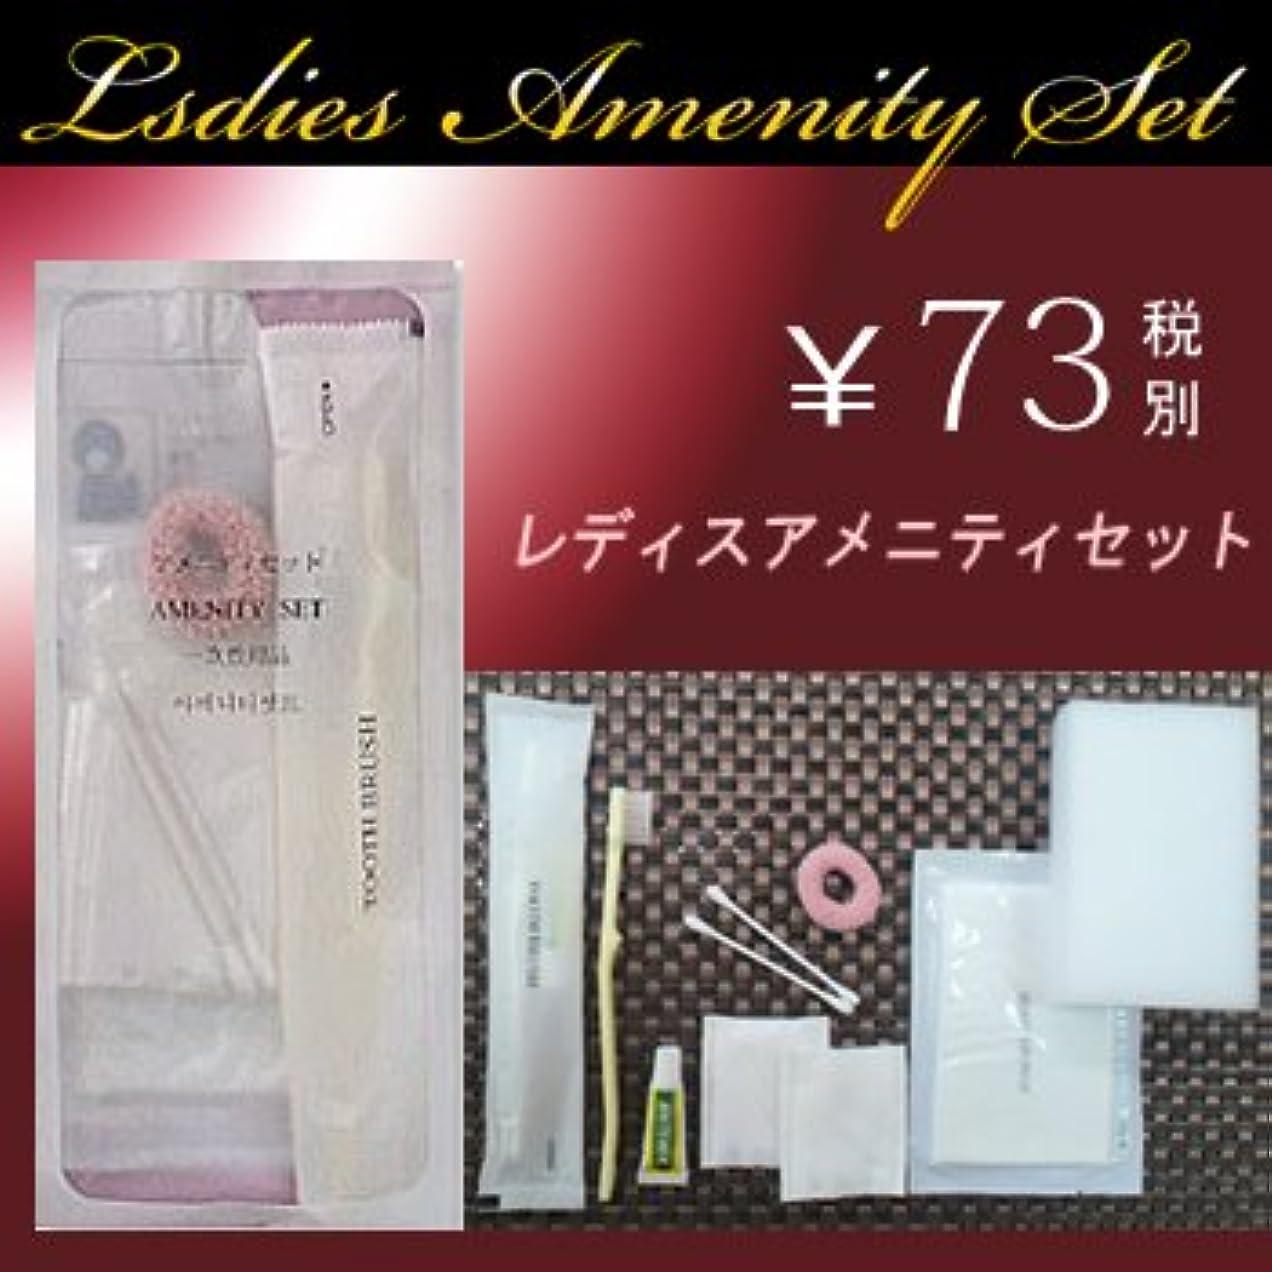 スイ撃退するアクセシブルレディスアメニティフルセット袋入(1セット300個入)